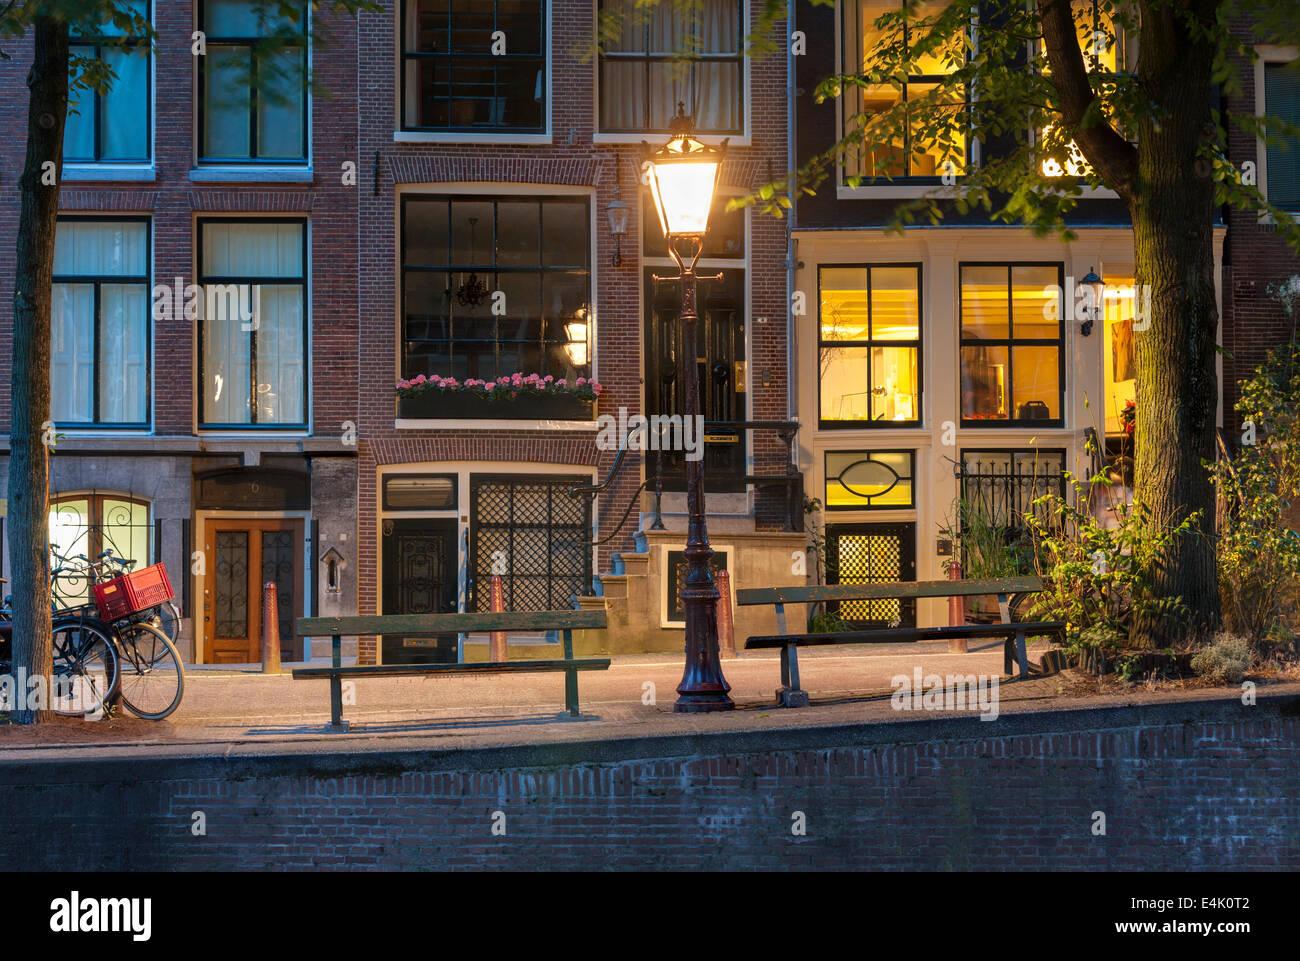 Amsterdam Canal notte. Leidsegracht Canal Amsterdam con il famoso canal-banco laterale dalla pellicola il problema Immagini Stock